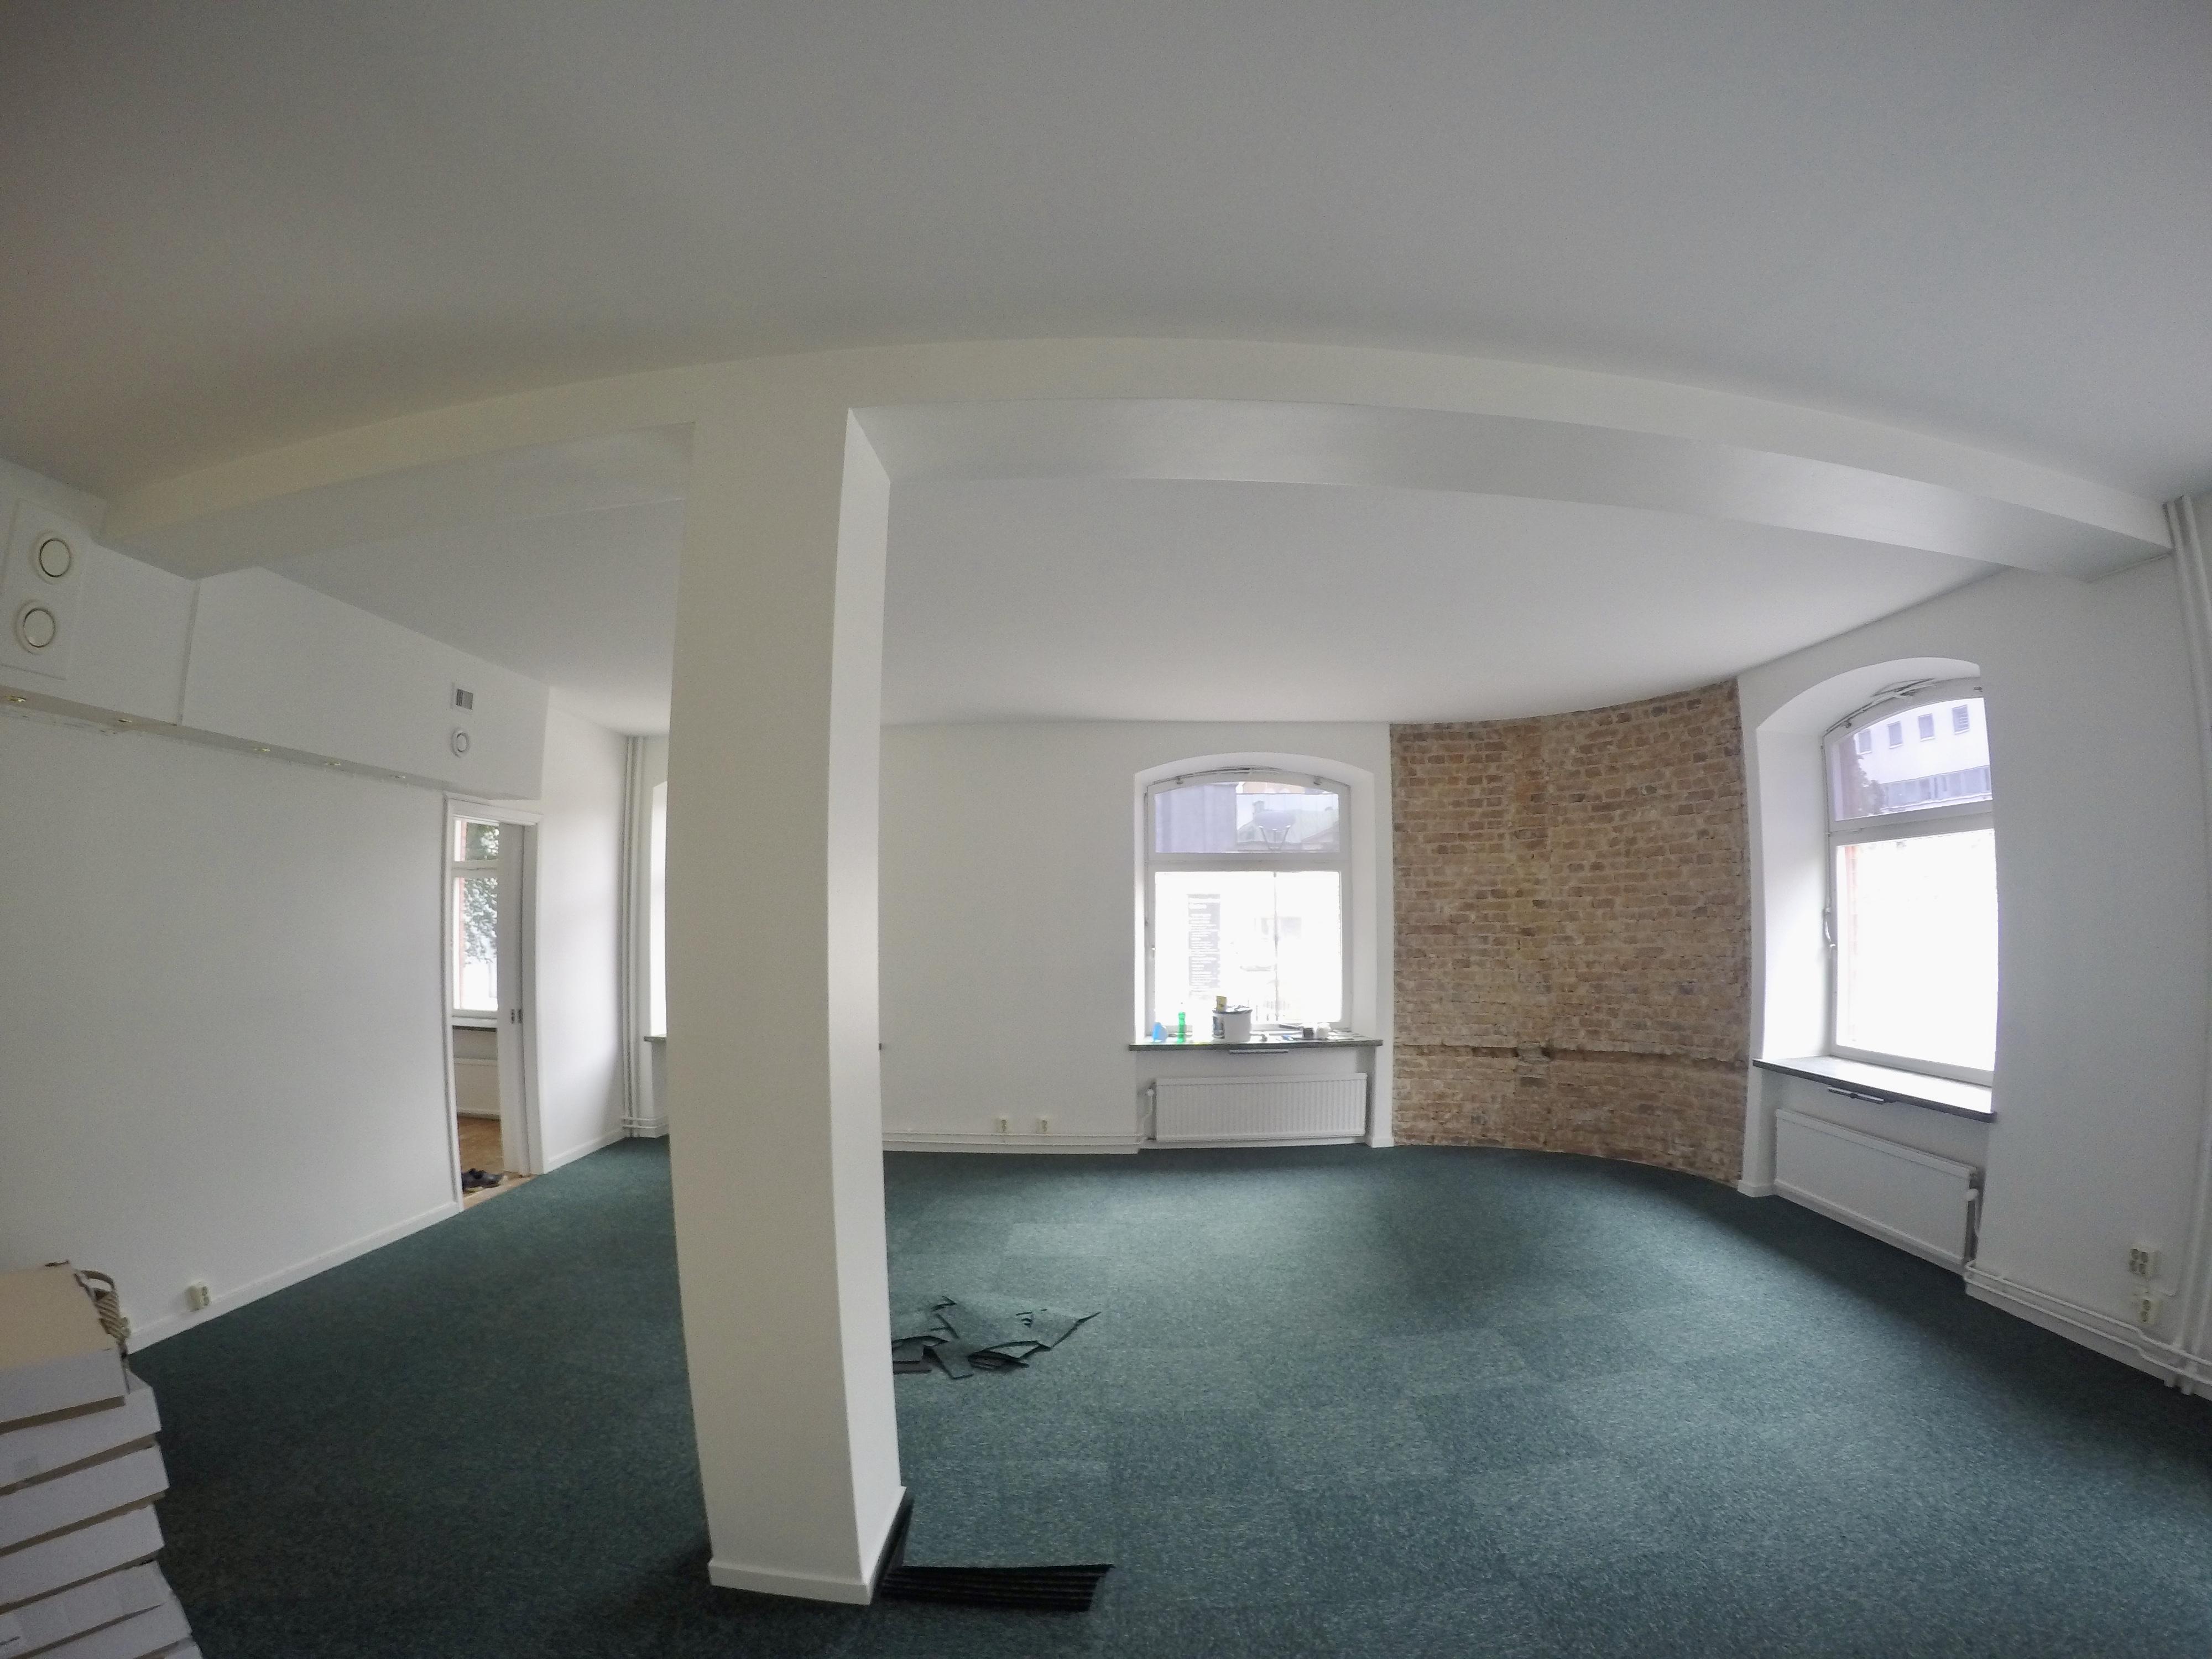 Målning & Tapetsering Golvläggning Dörrar och Fönster Takläggning Utomhusmålning